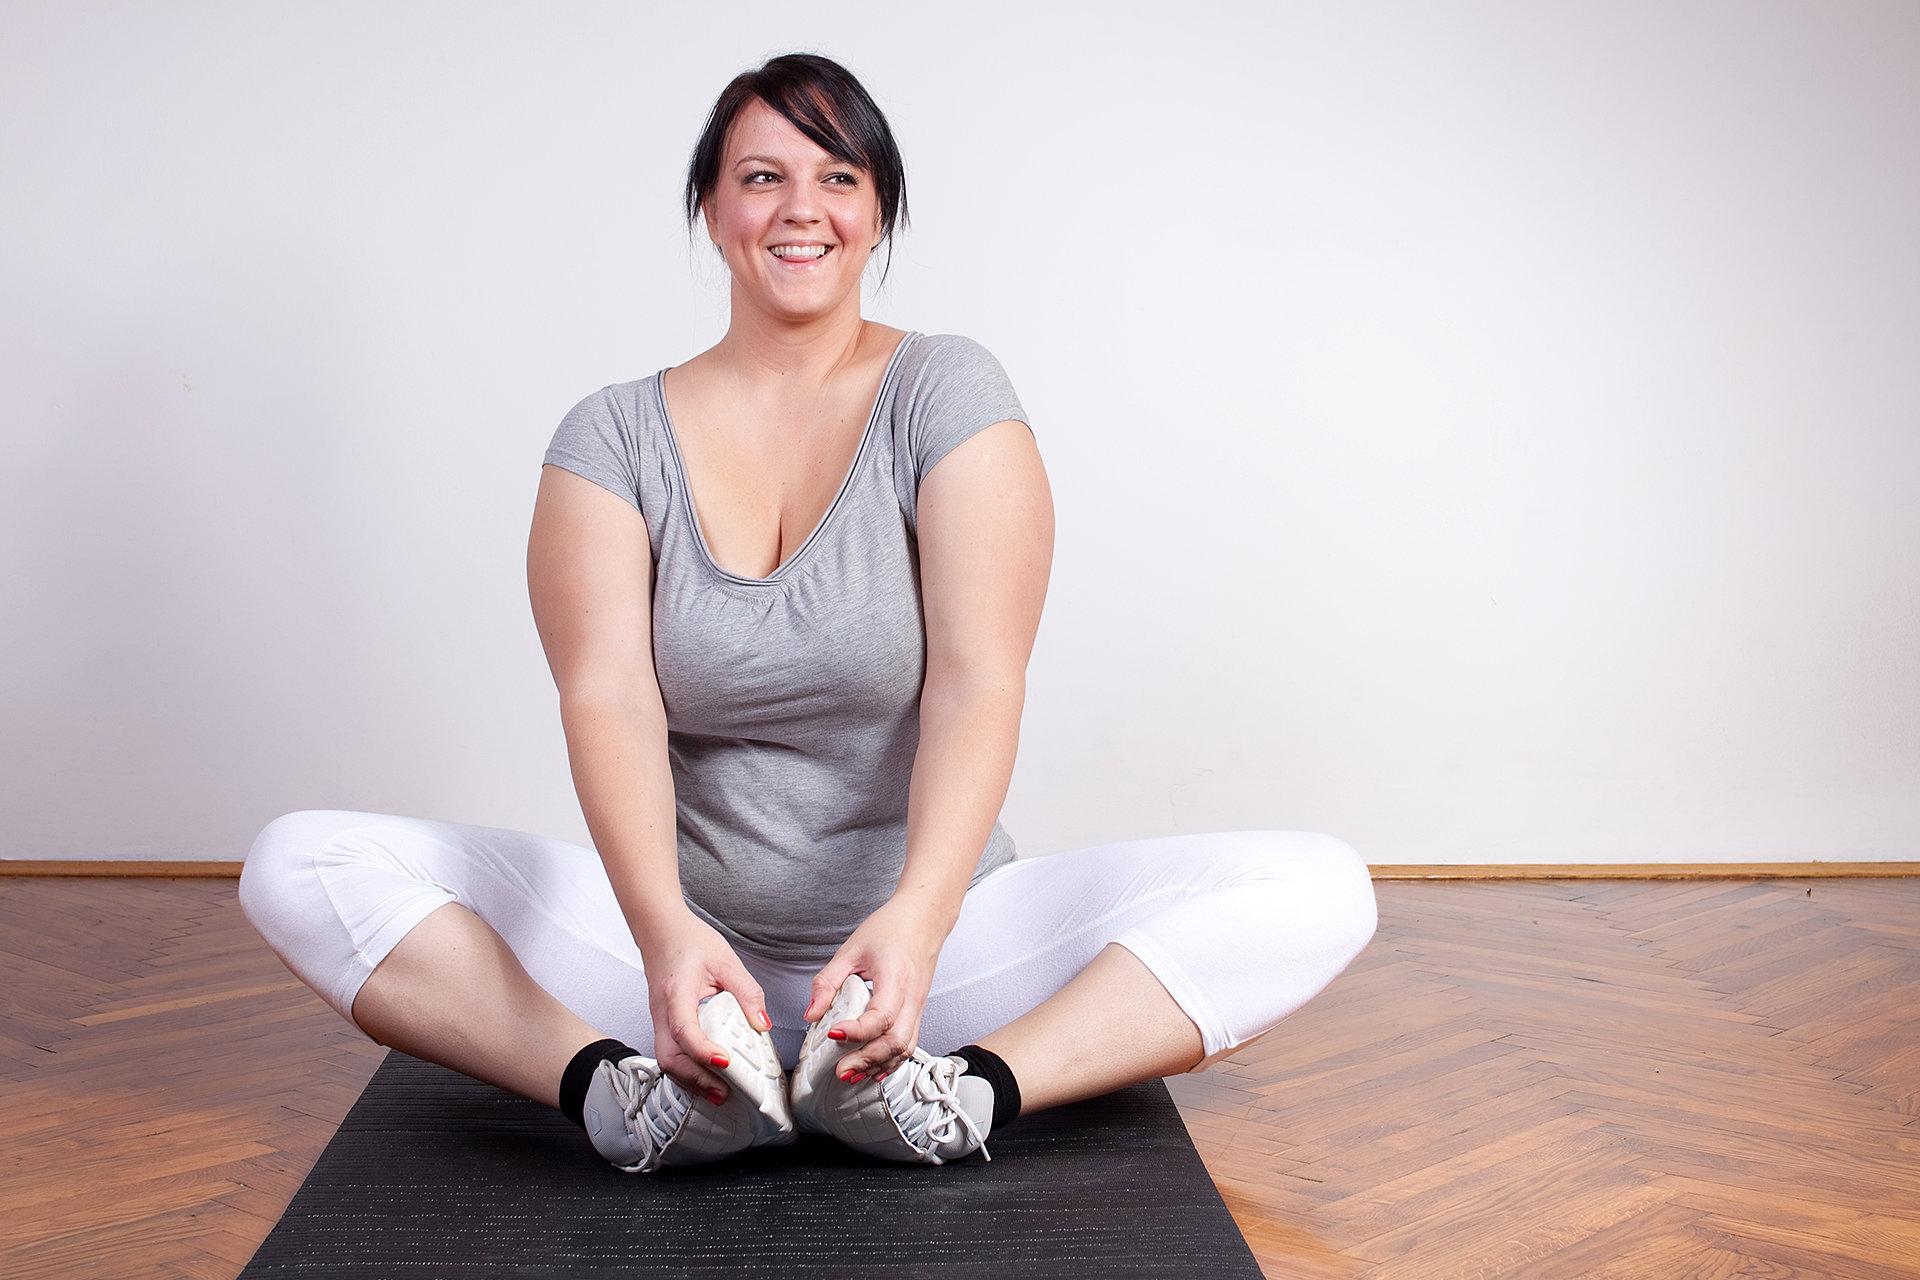 Йога Поможет Сбросить Лишний Вес. Эффективна ли йога для похудения — отзывы с фото до и после прилагаются